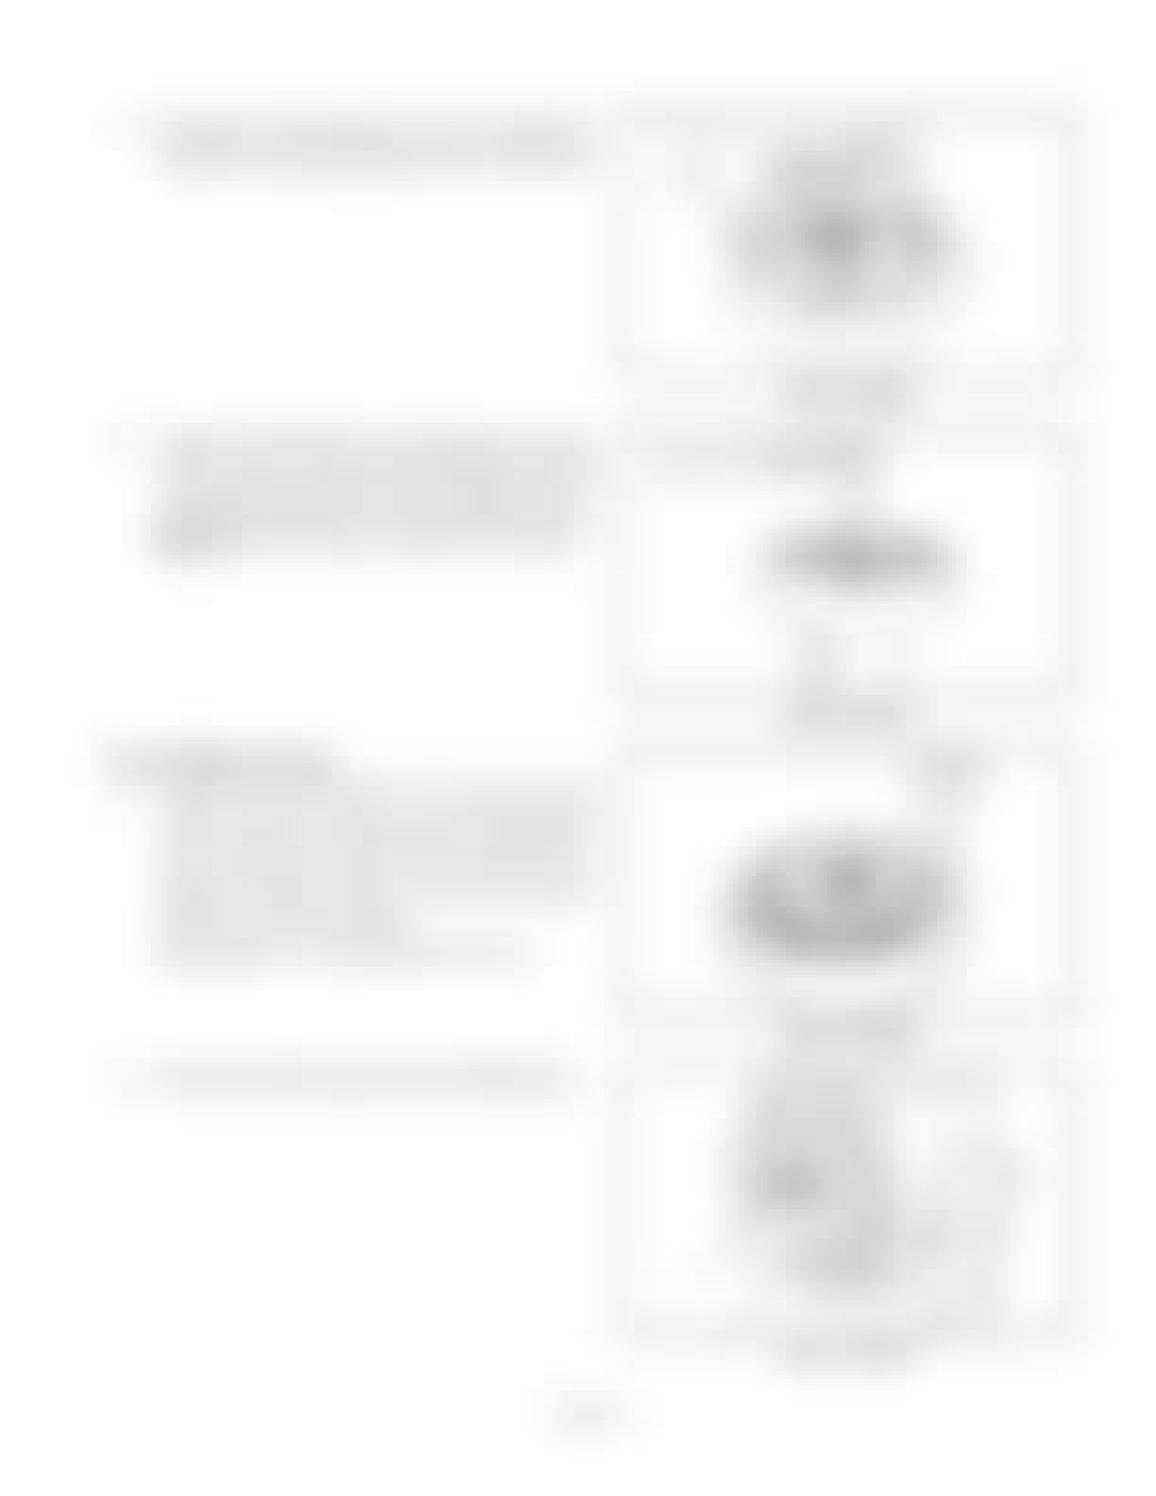 Hitachi LX110-7 LX130-7 LX160-7 LX190-7 LX230-7 Wheel Loader Workshop Manual - PDF DOWNLOAD page 181